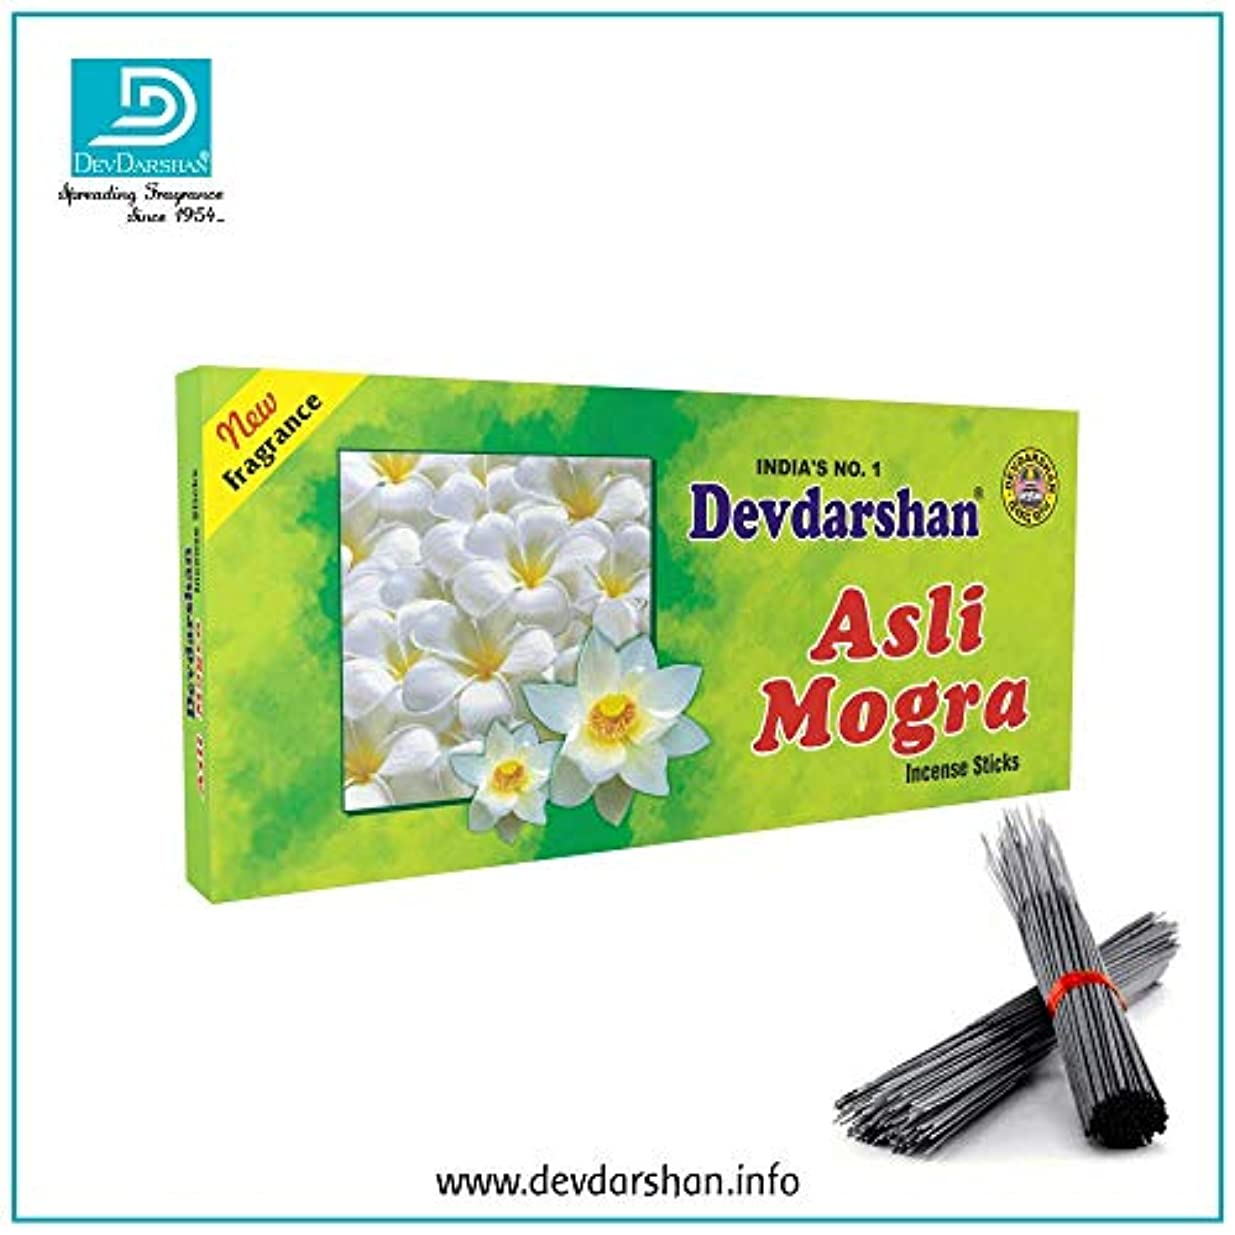 誇張する可動車両Devdarshan Asli Mogra Agarbatti (Pack of 12) 40g Each Unit